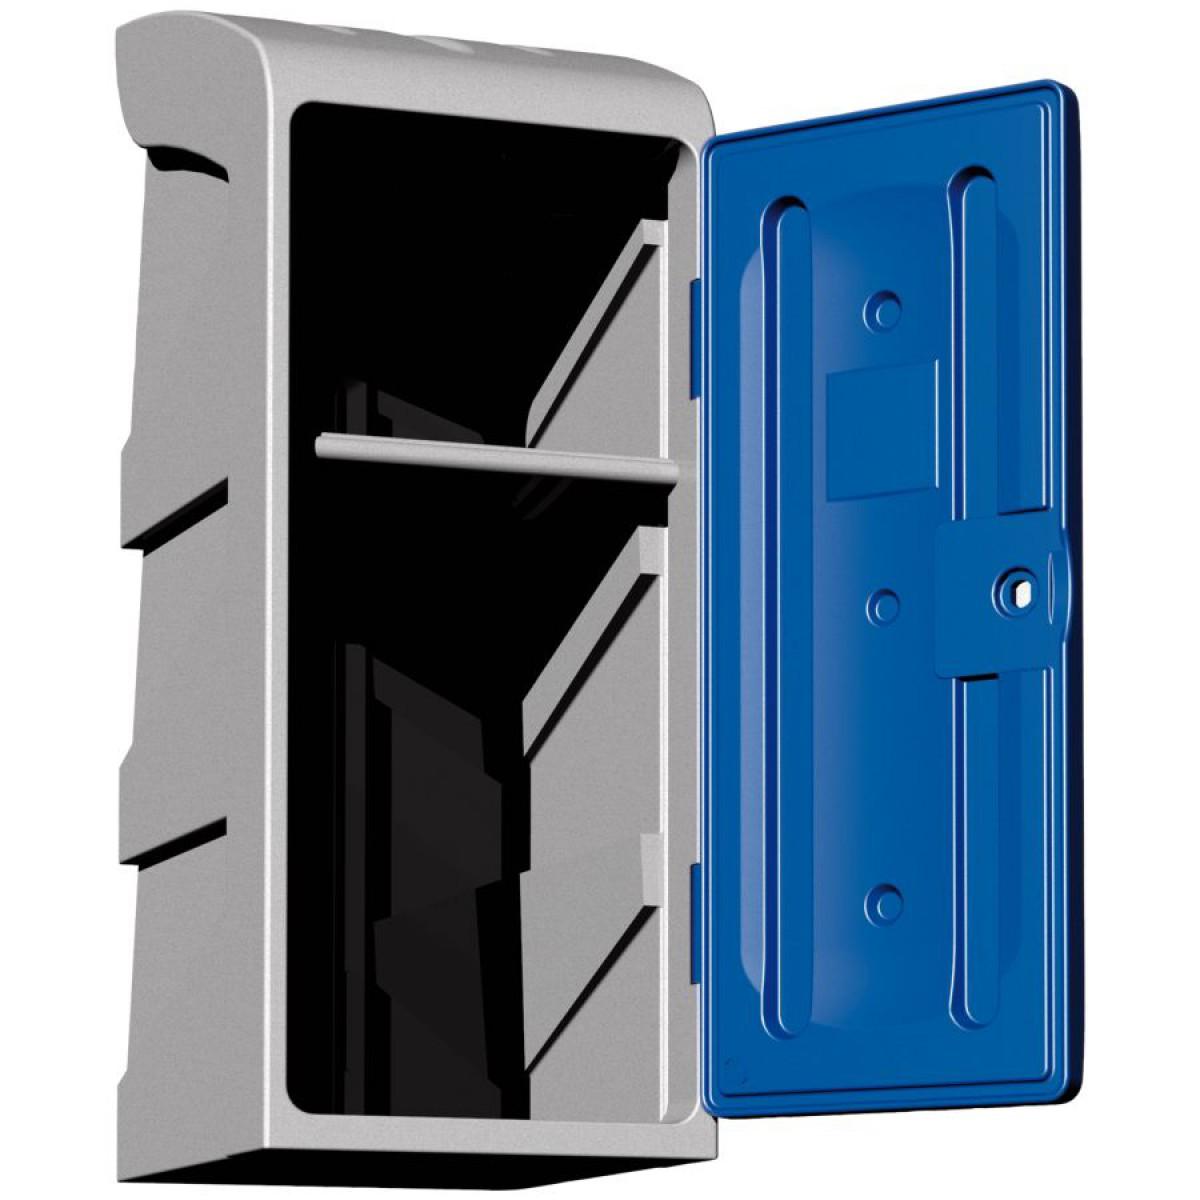 demi vestiaire poly thyl ne 1 tag re porte cintres mod le haut porte bleue hse center. Black Bedroom Furniture Sets. Home Design Ideas